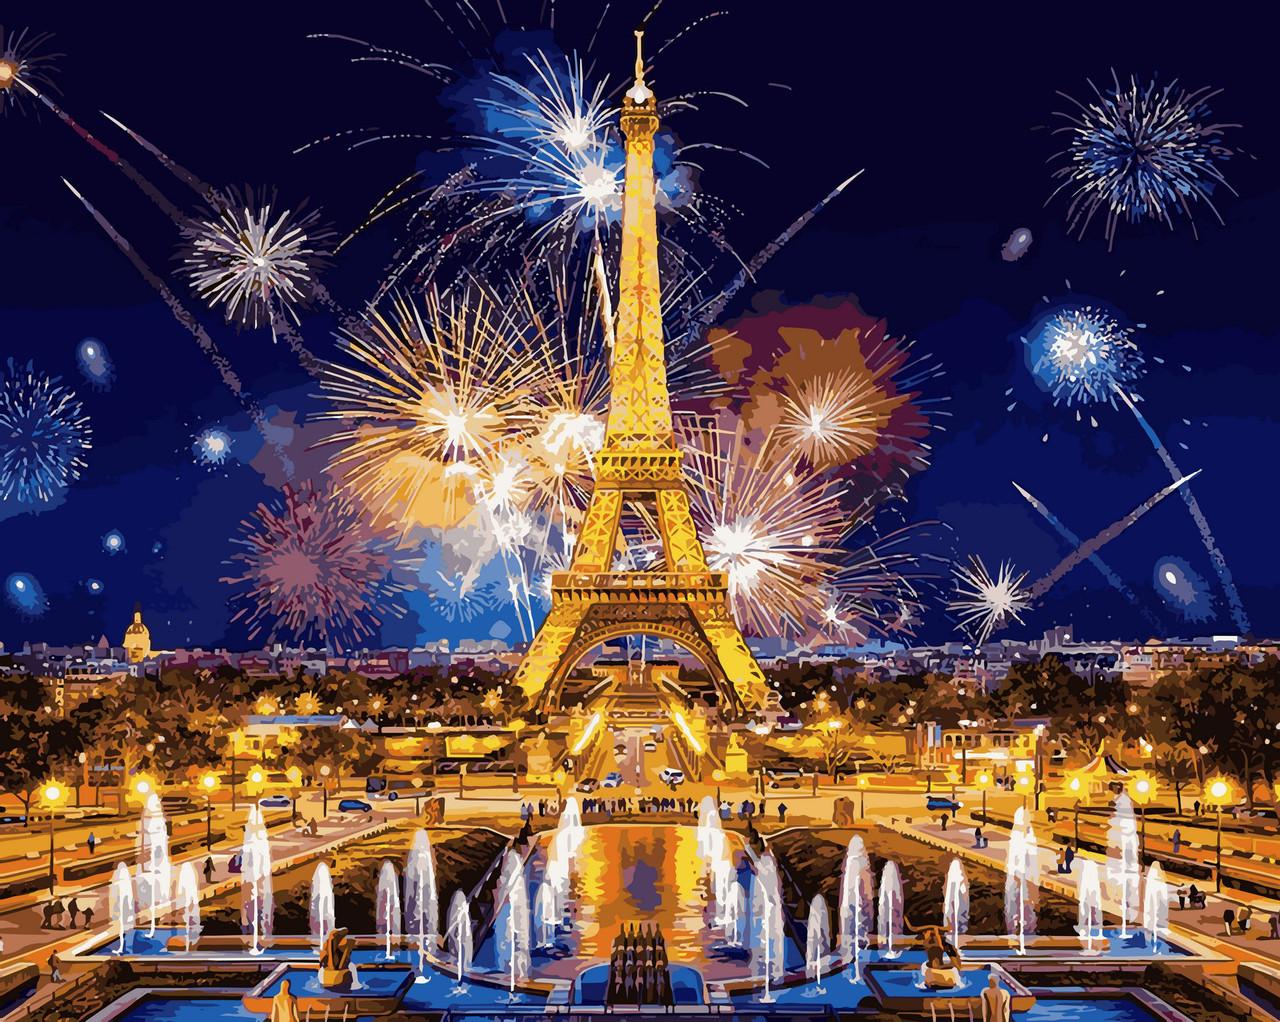 Картина по номерам Салют над Парижем 40 х 50 см (VP938)